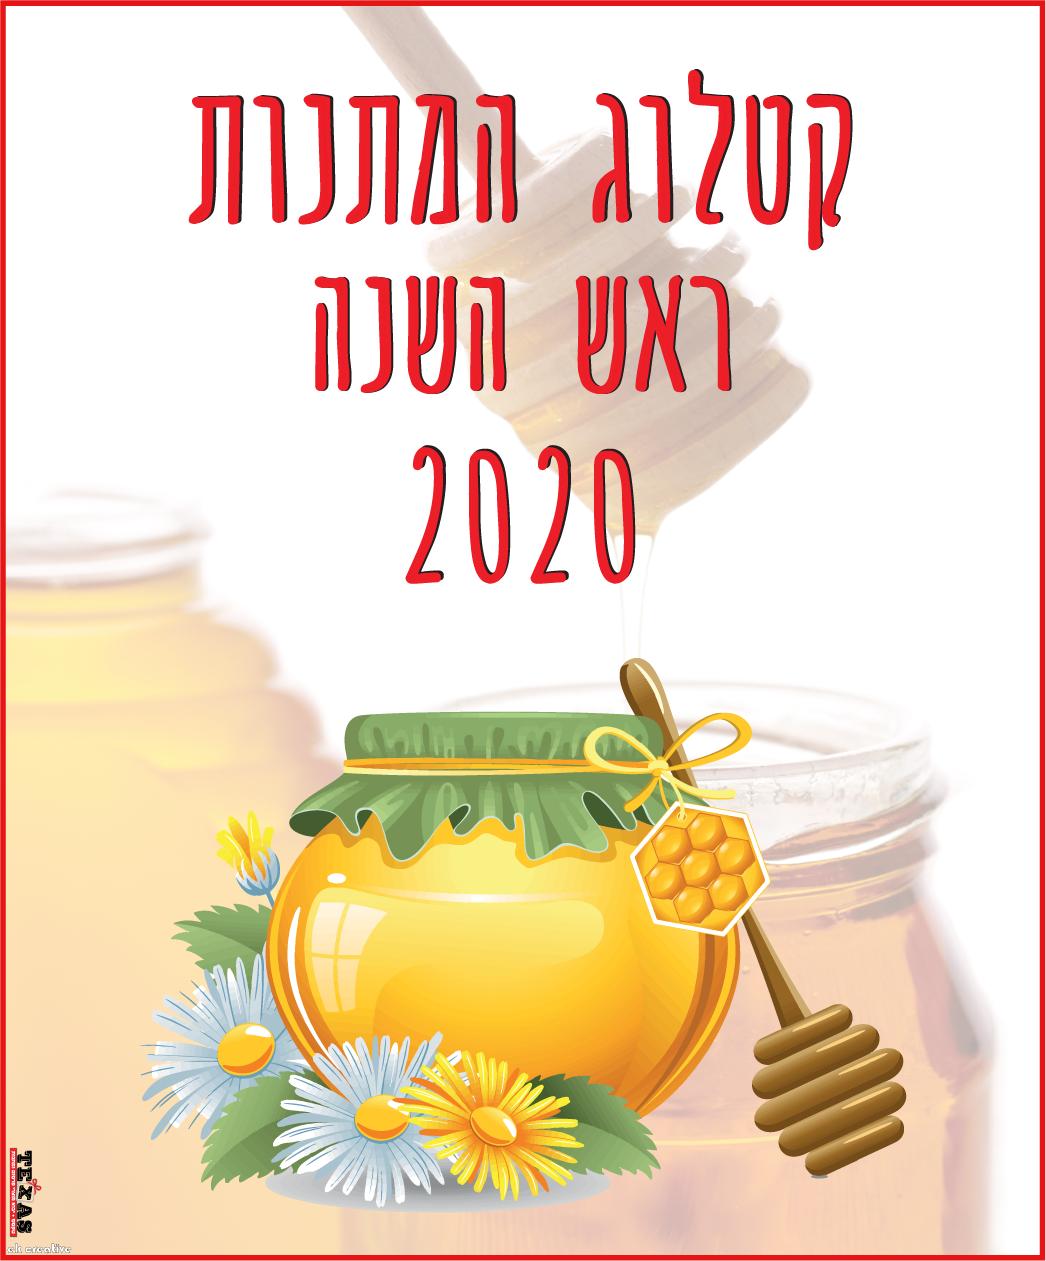 קטלוג המתנות החדש לראש השנה 2020